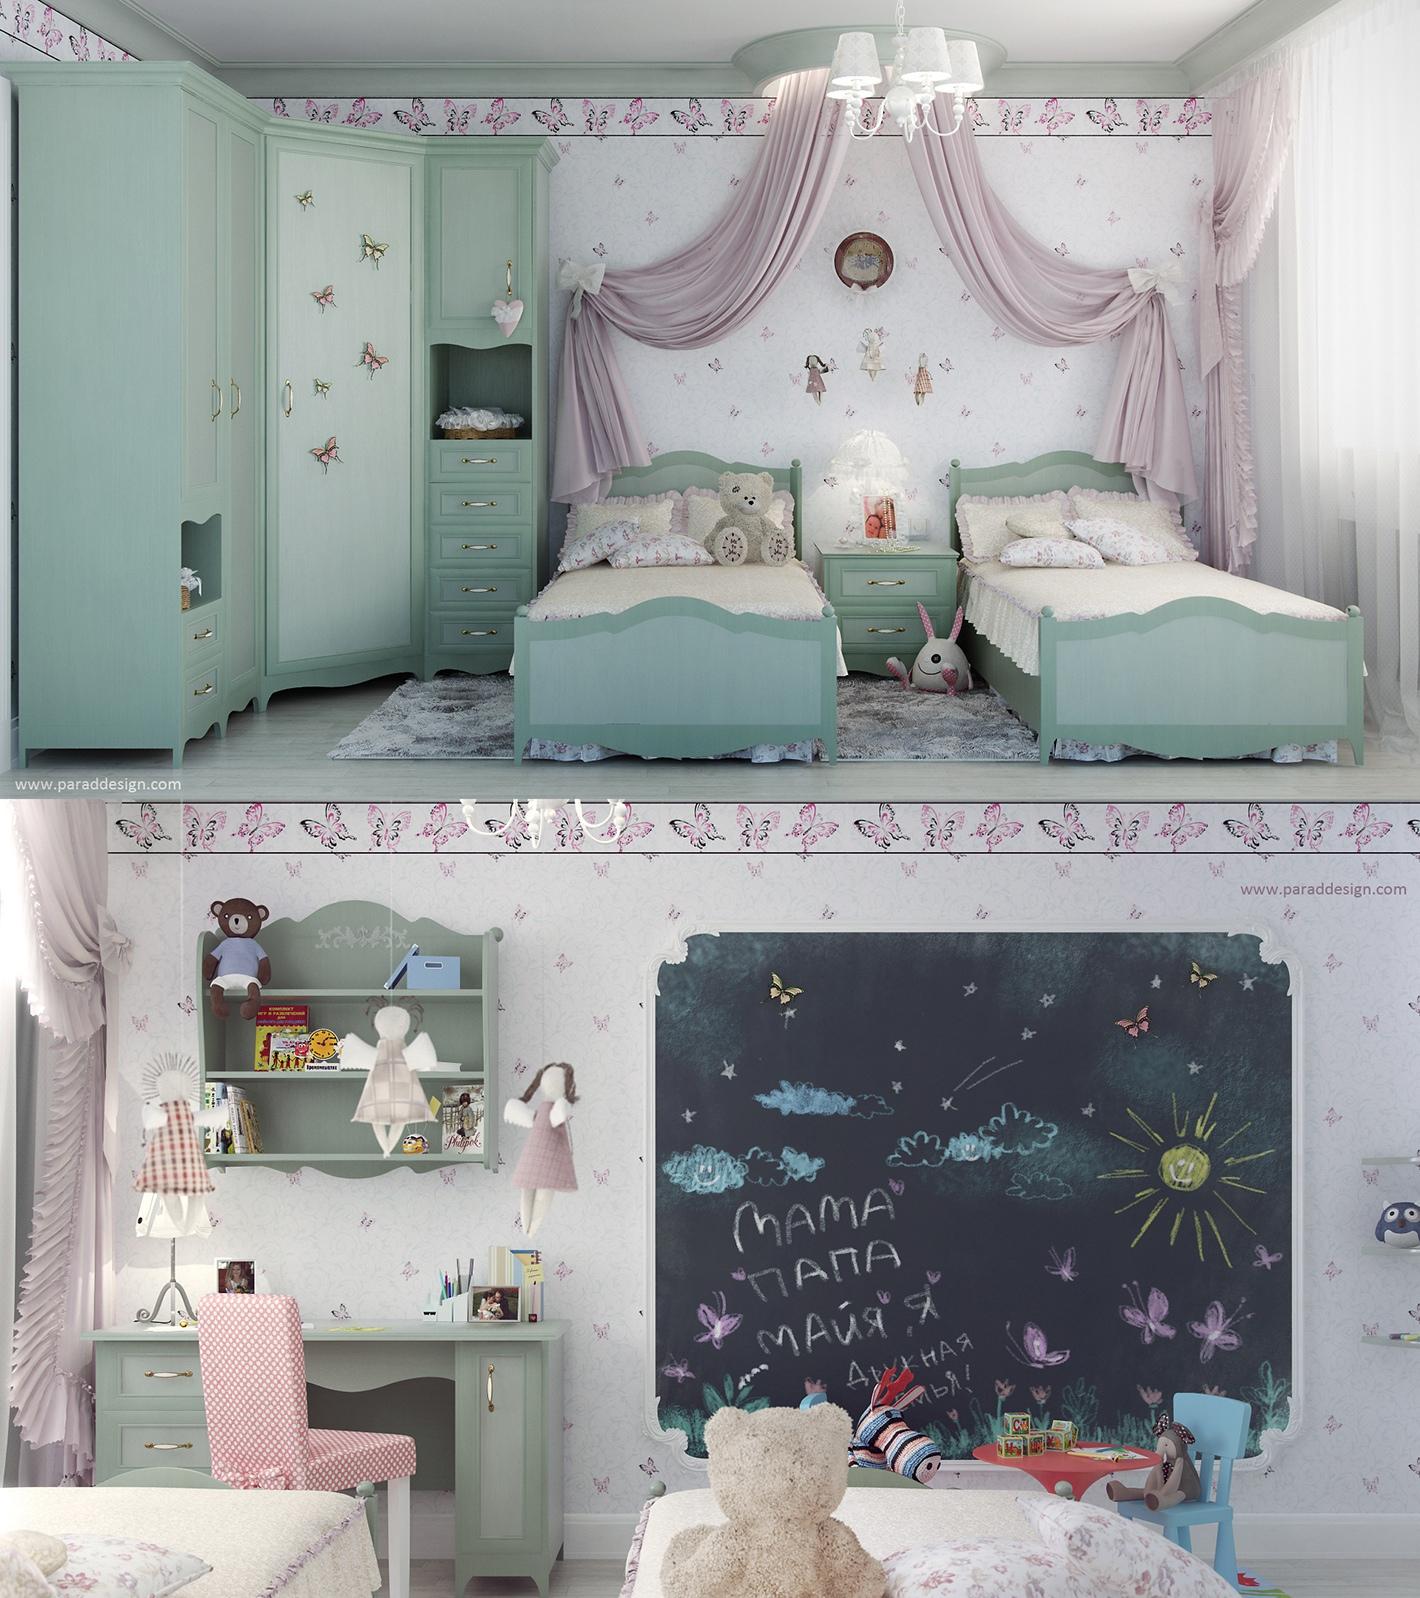 2 Little Girls Bedroom 7